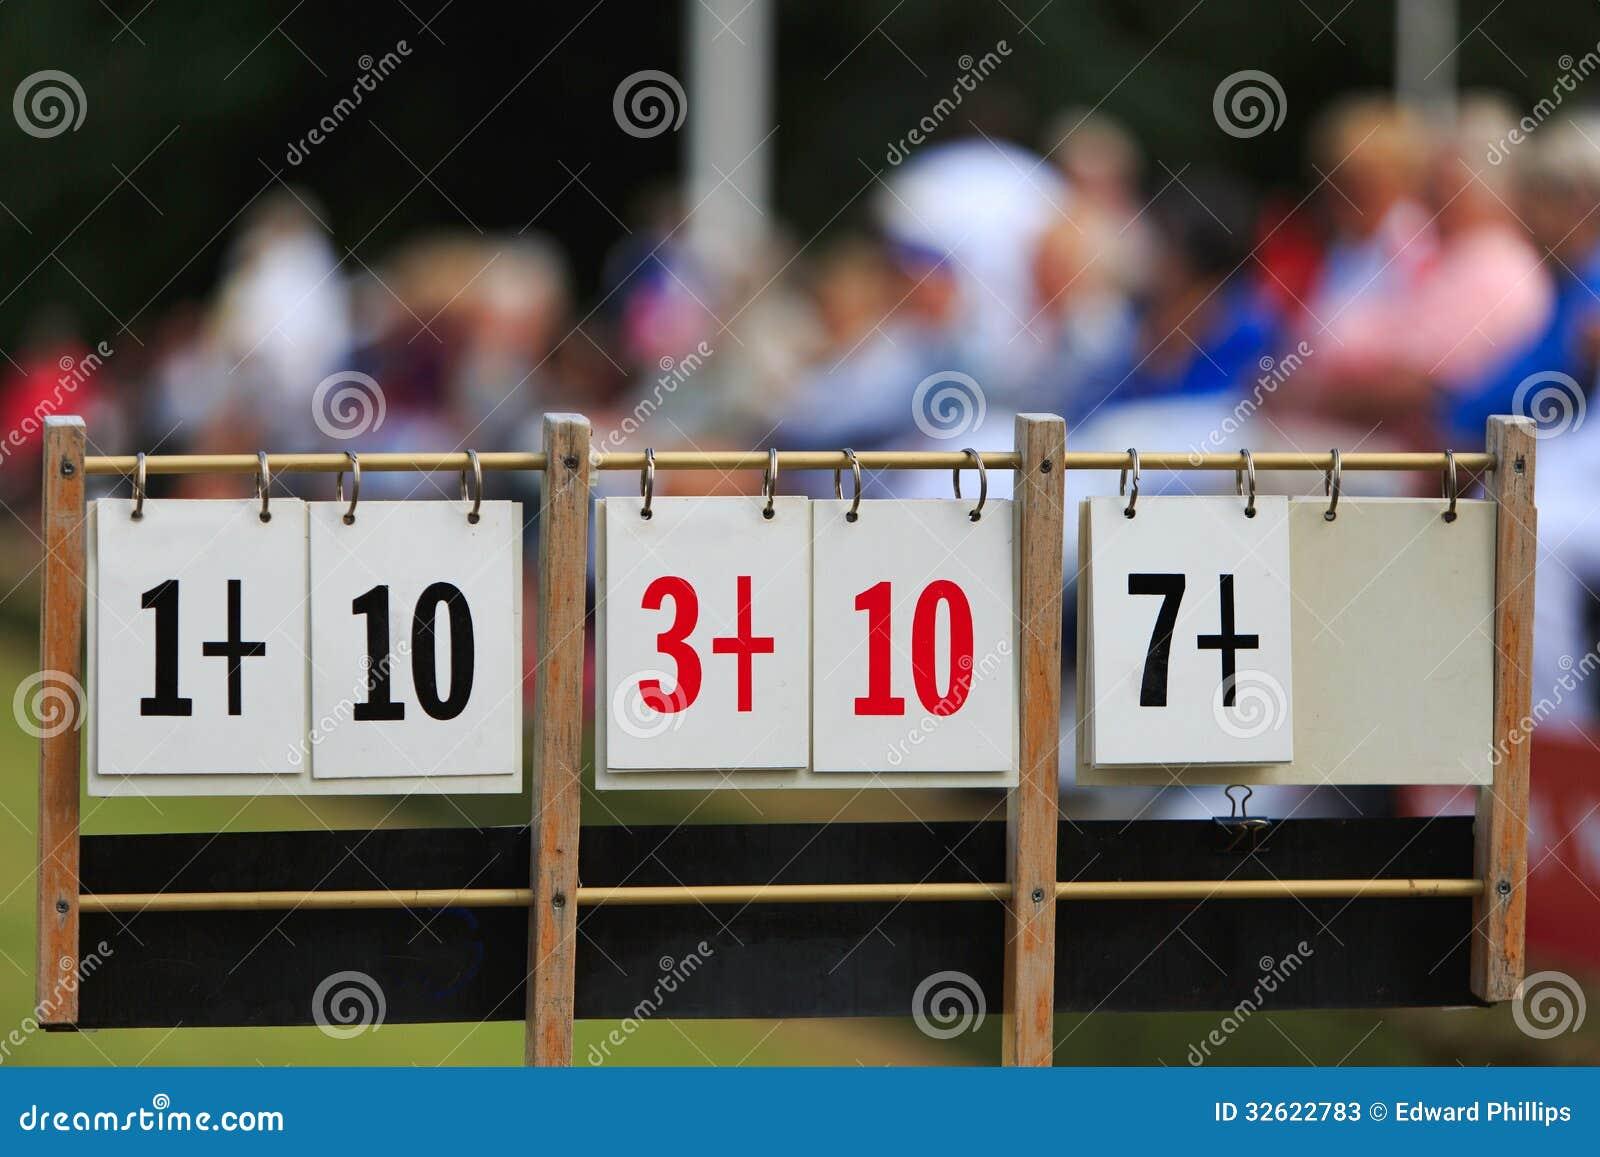 Scoreboard At Lawn Bowls Stock Photos - Image: 32622783